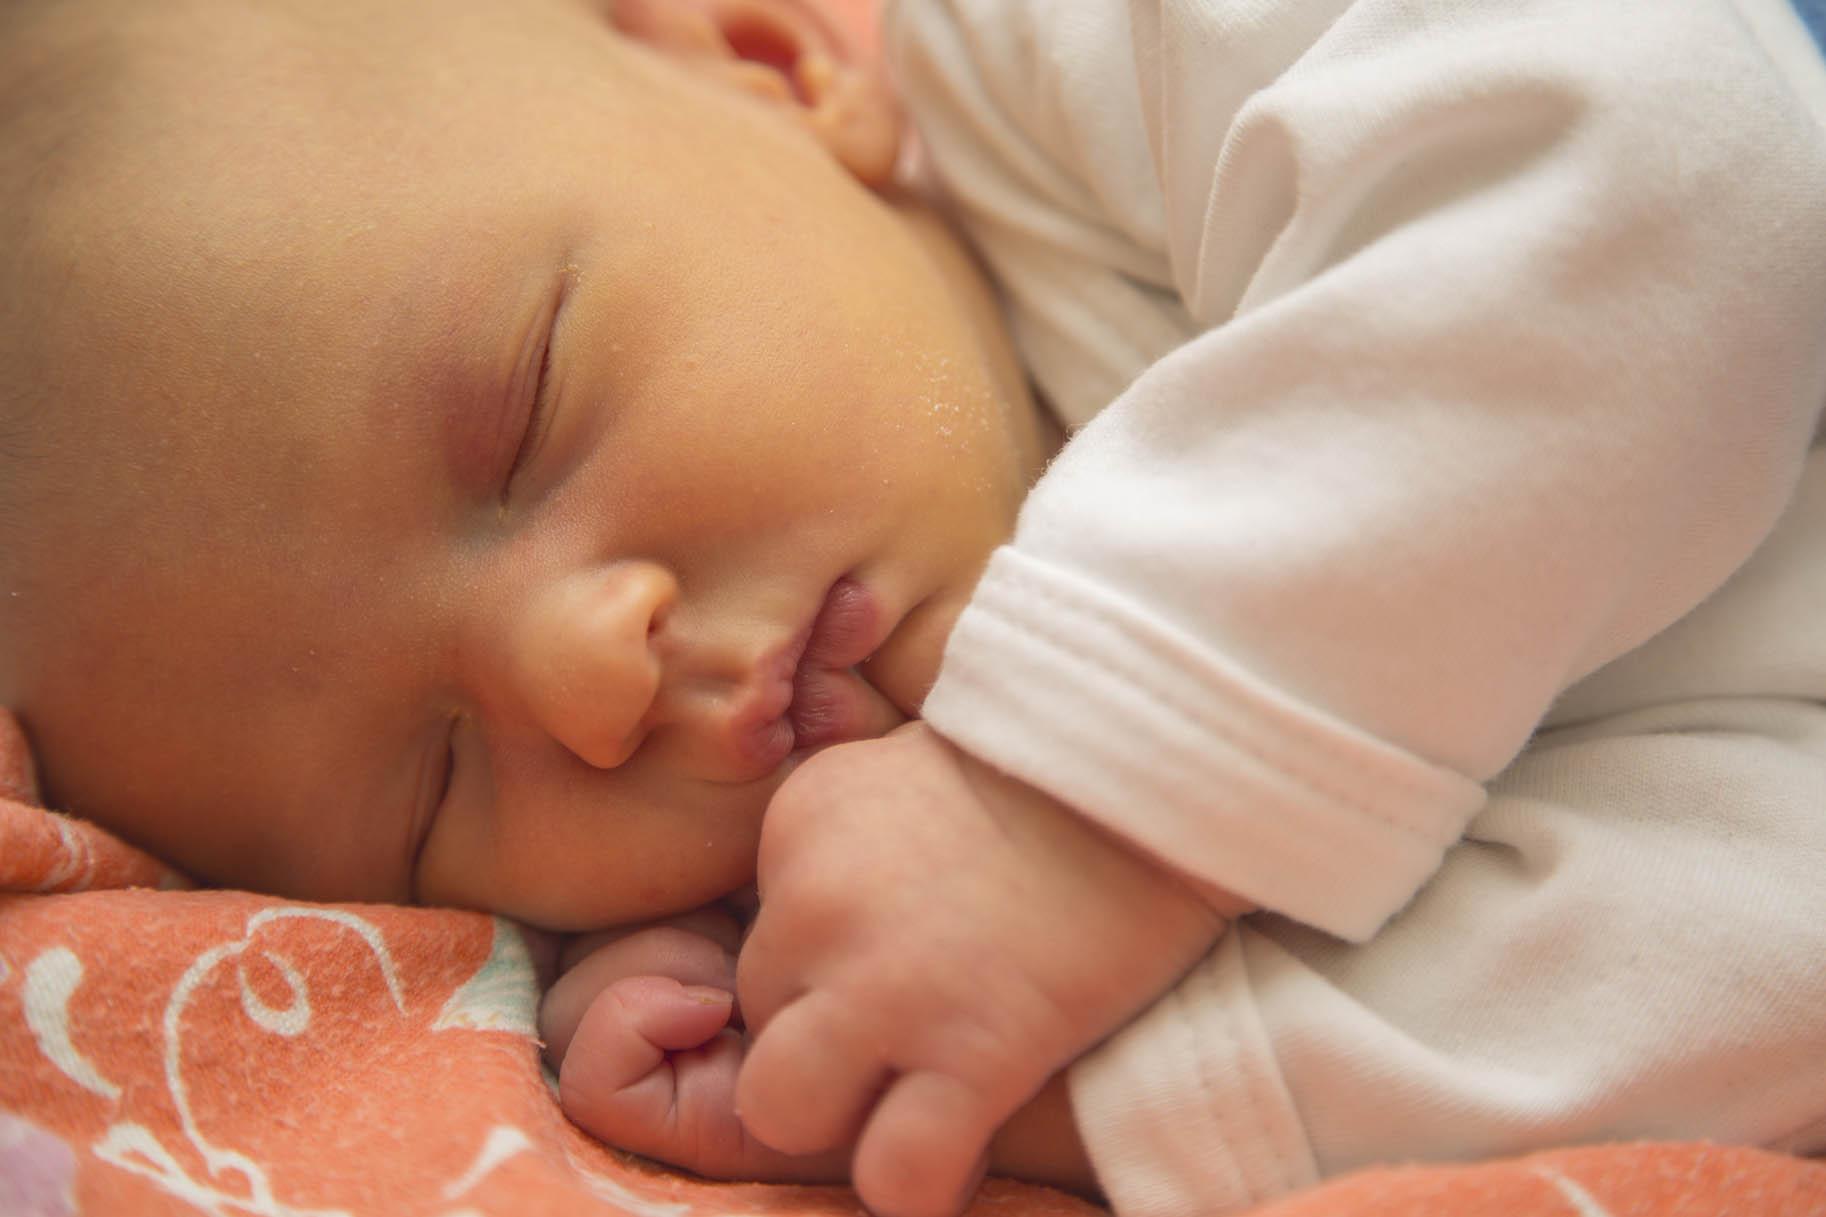 neonato affetto da ittero dorme tranquillo